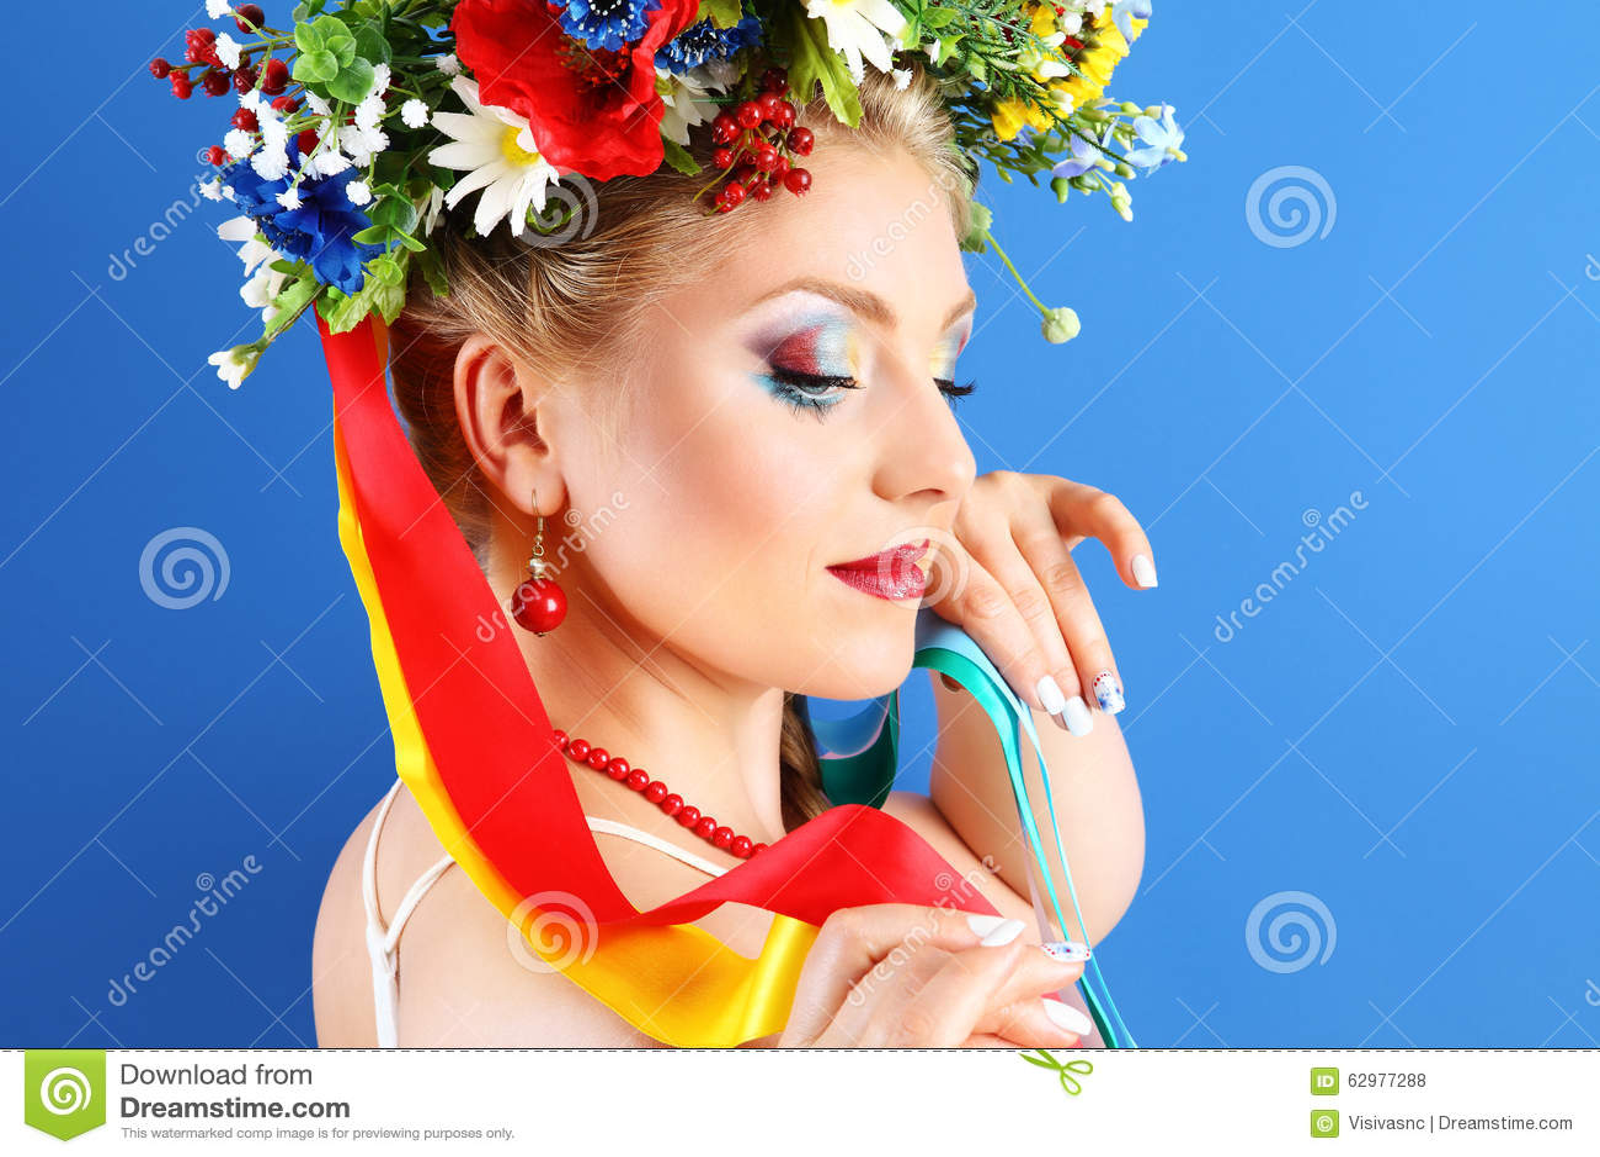 De make-up van de portretvrouw met bloemen op blauwe achtergrond